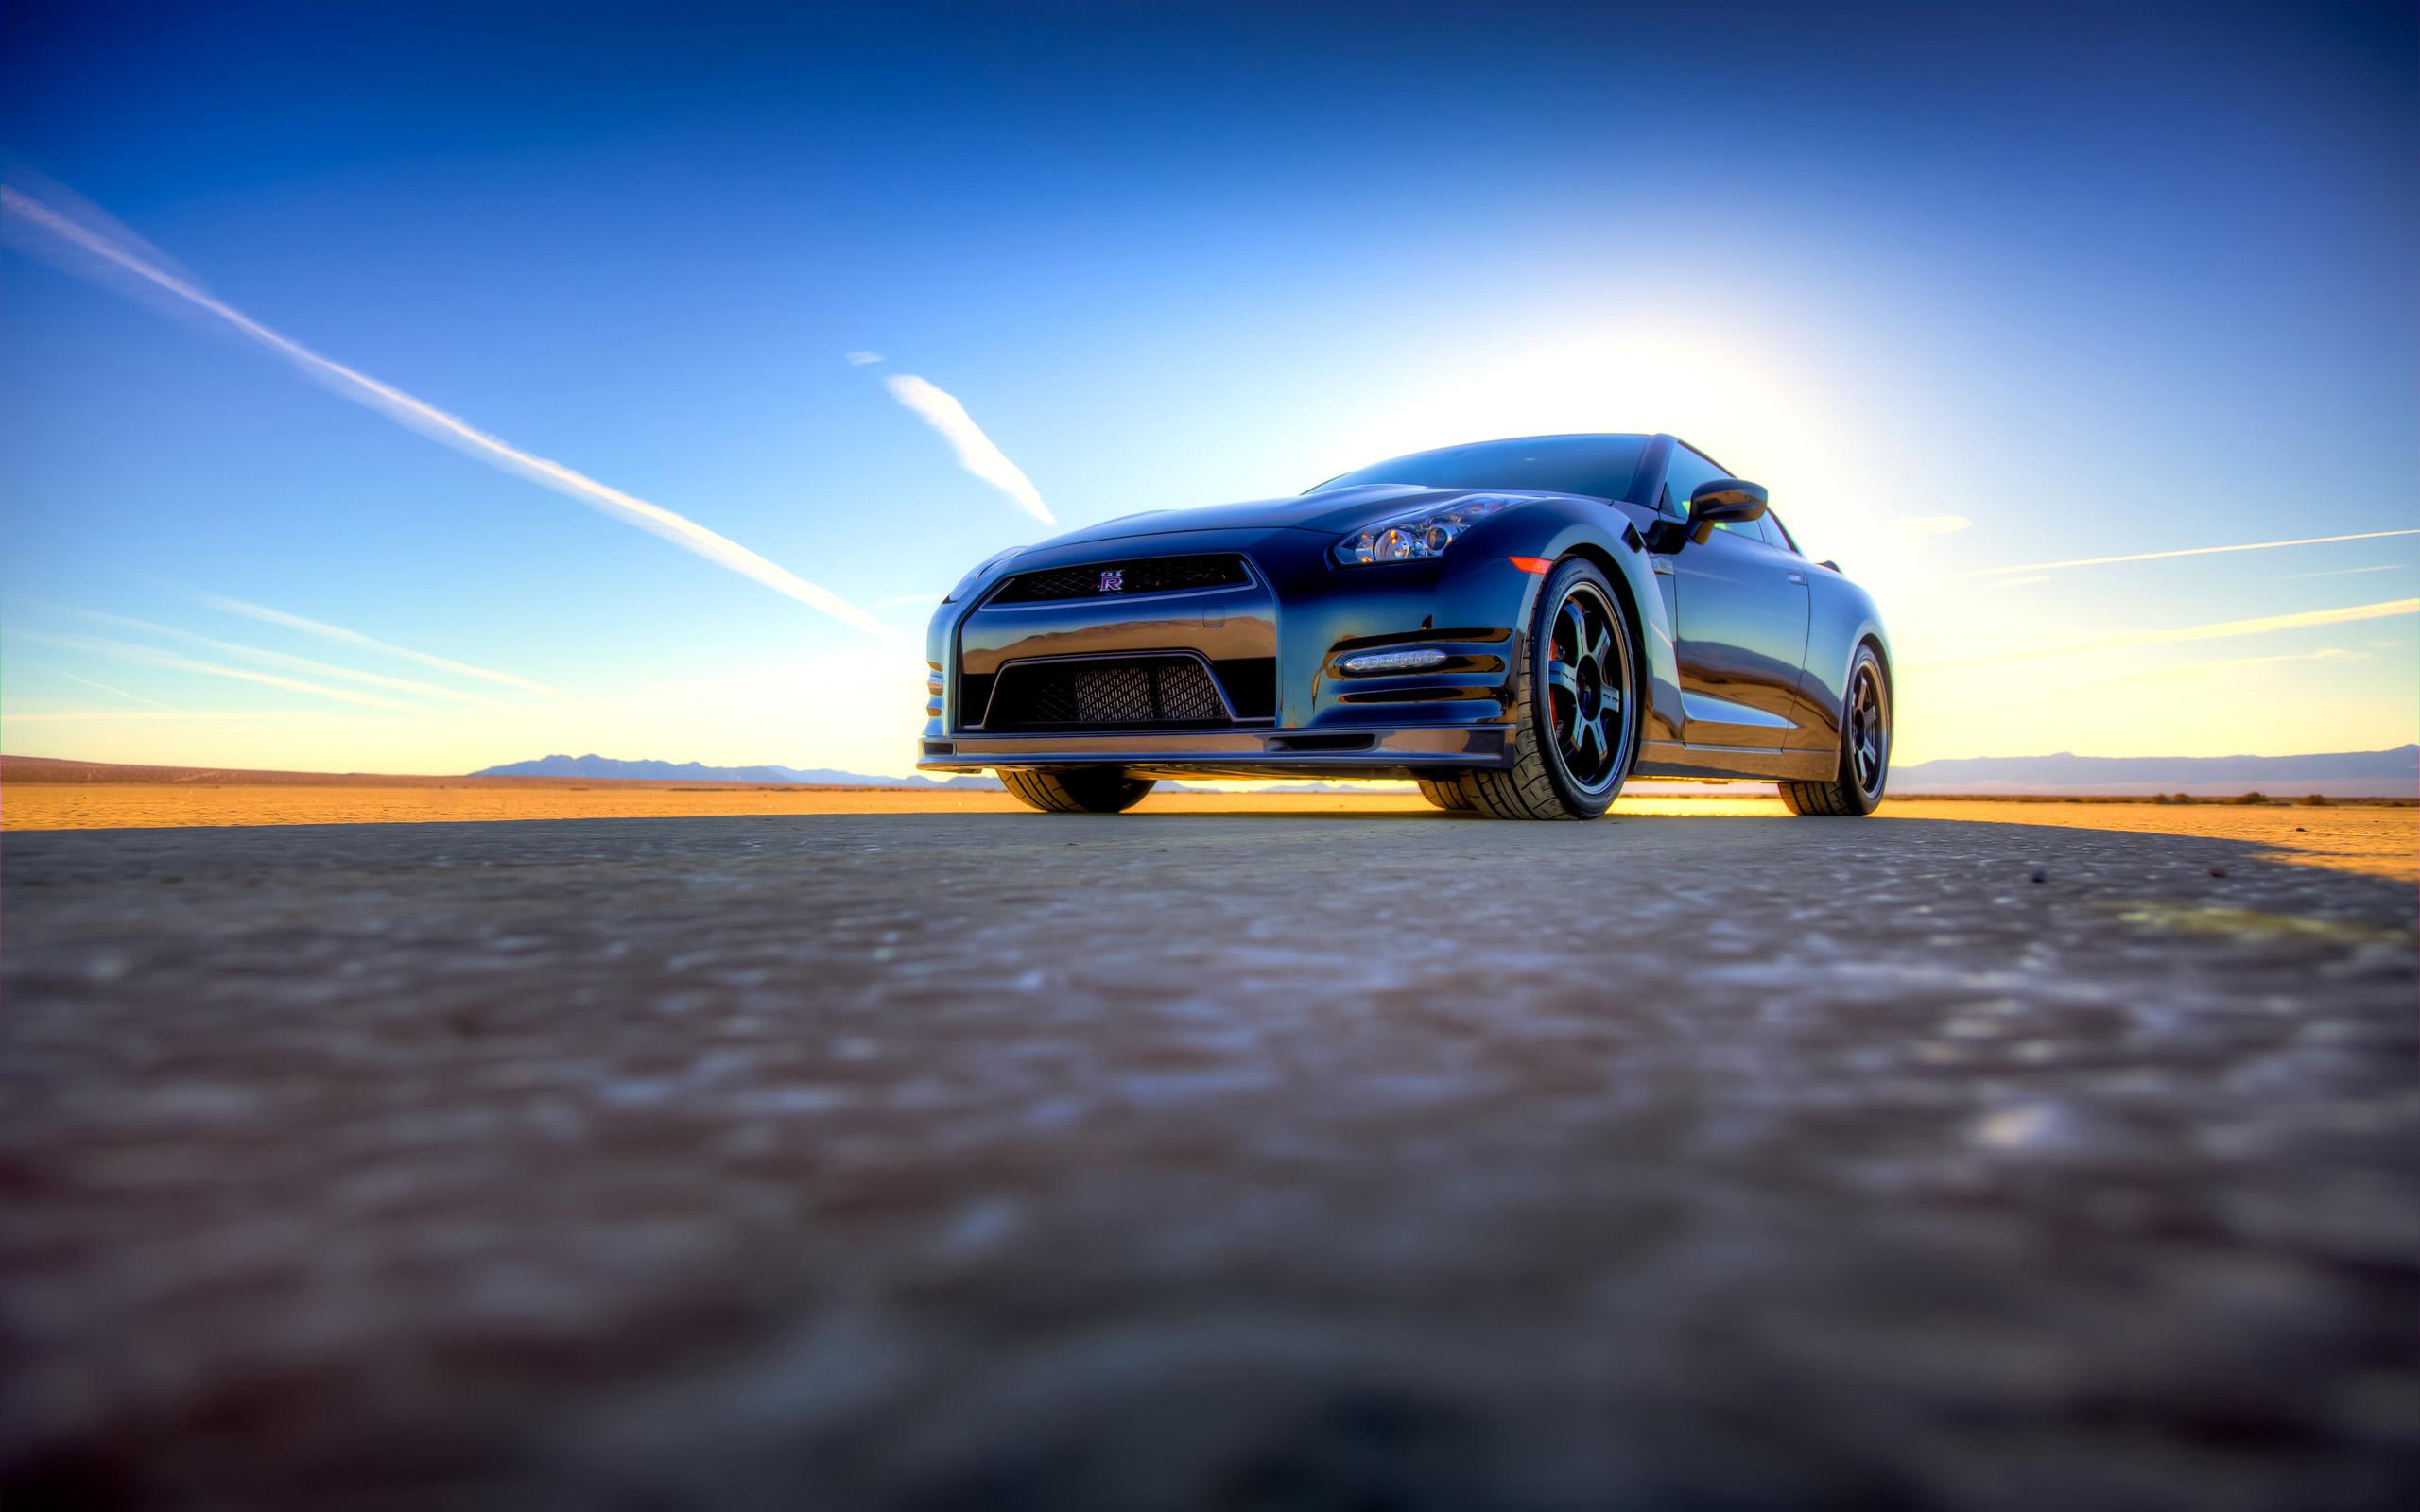 Best Car Drifting Wallpapers Http Oojal Rzb Ir